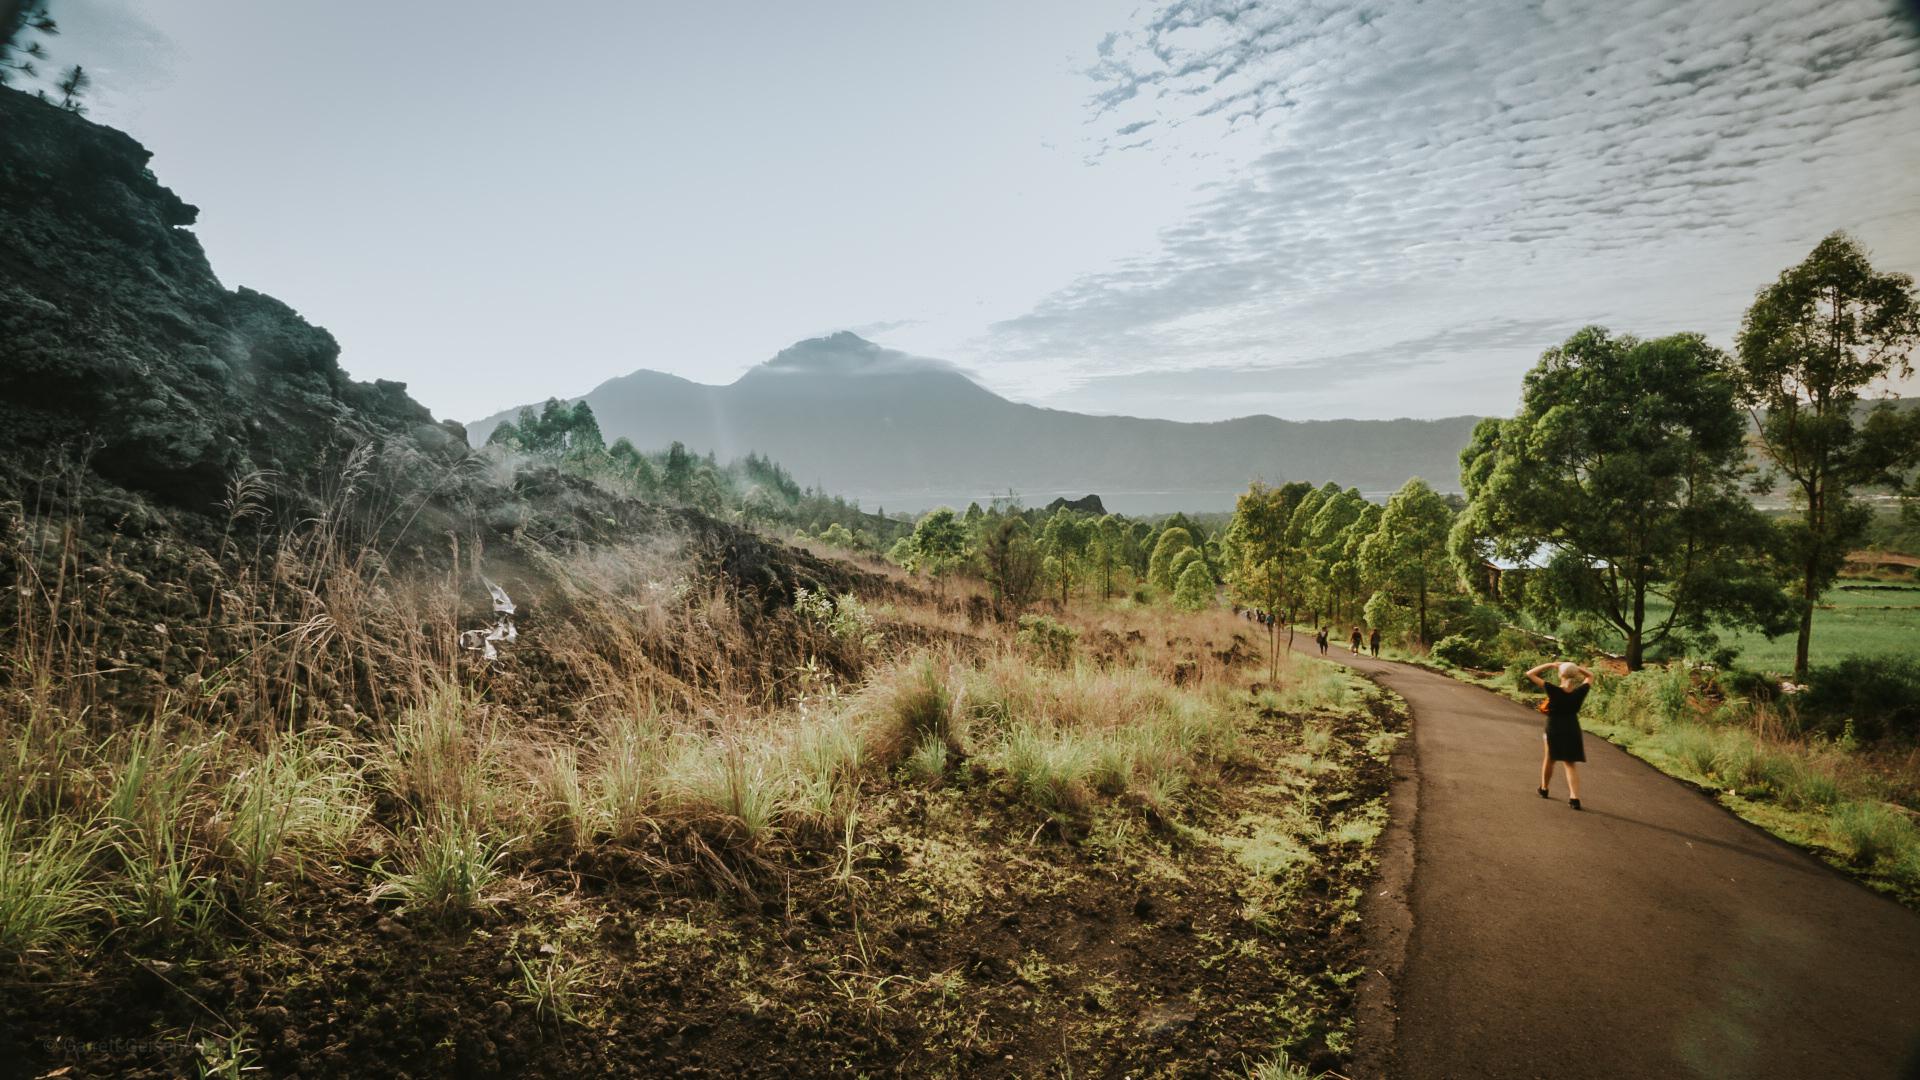 Road to Mt. Batur